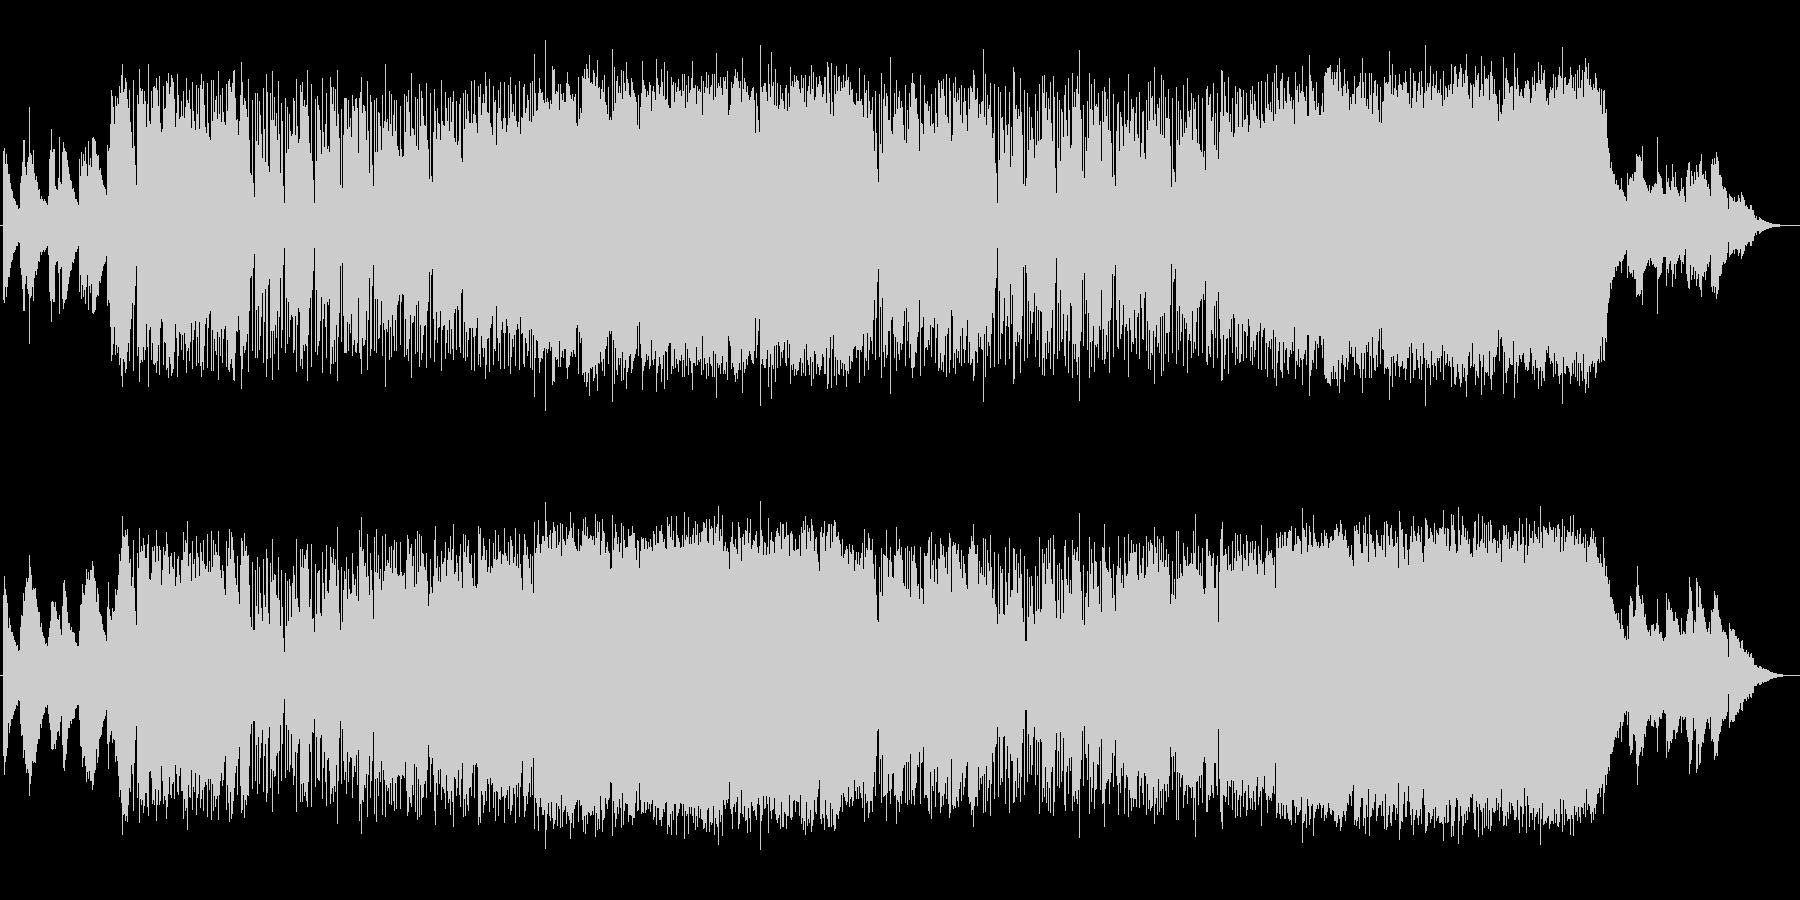 前向きな気持ちになるピアノポップスの未再生の波形